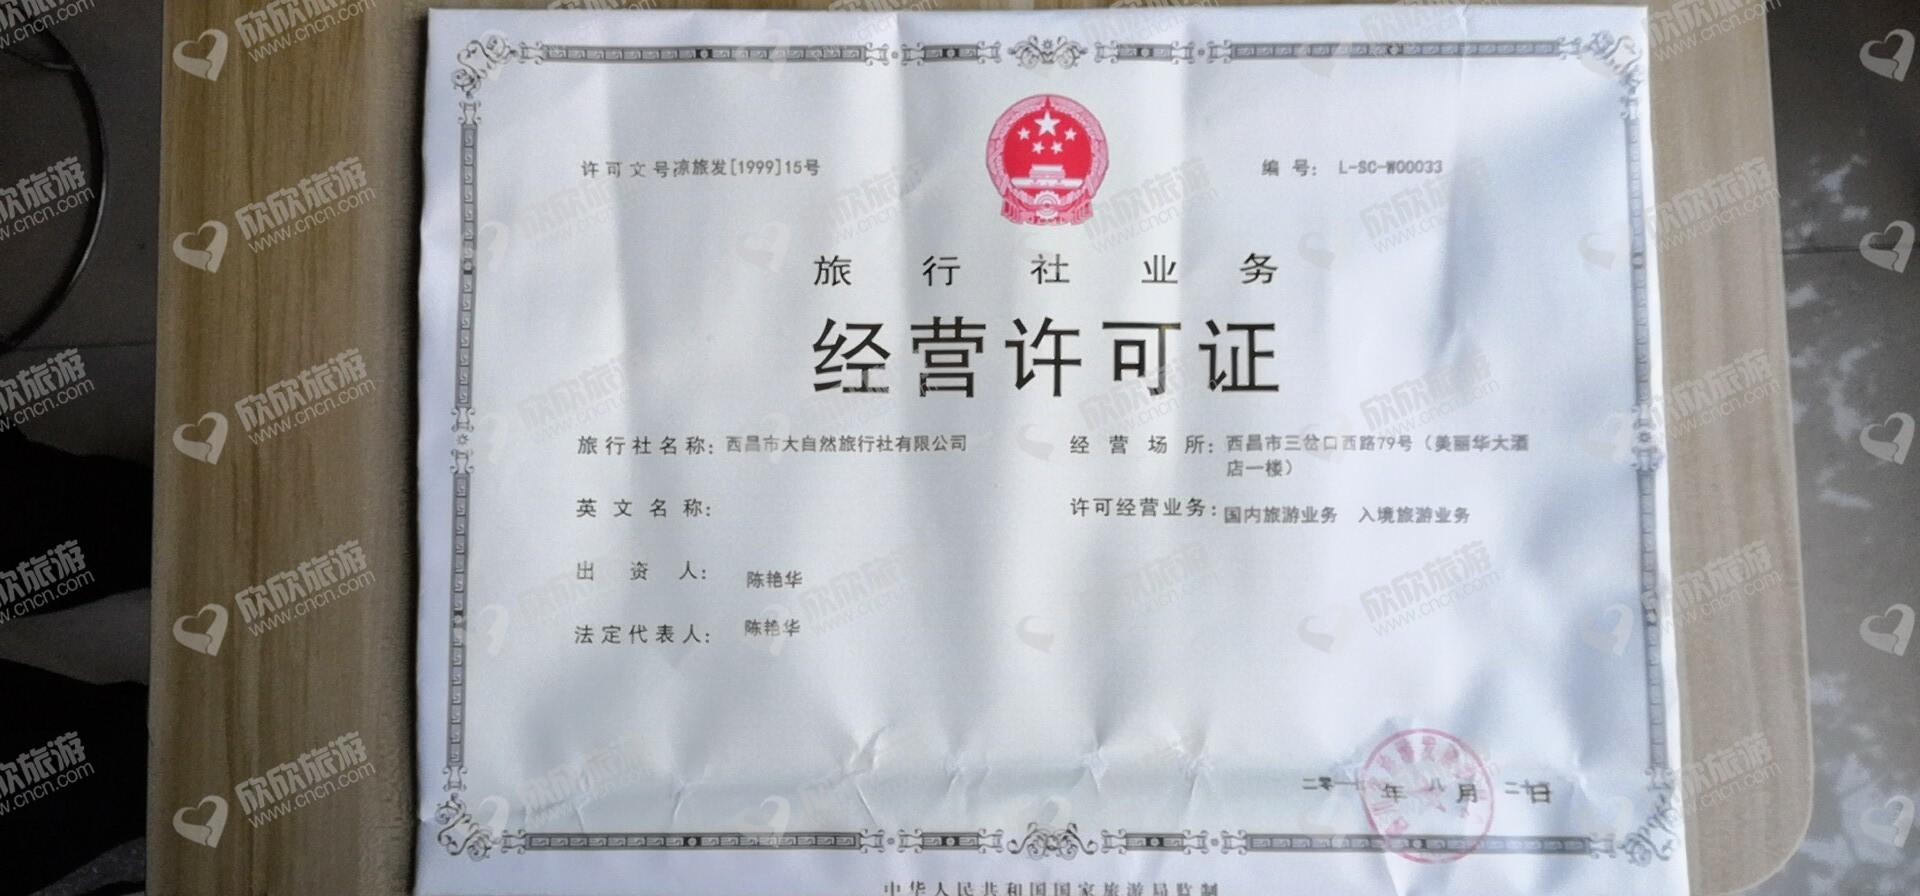 西昌市大自然旅行社有限公司经营许可证